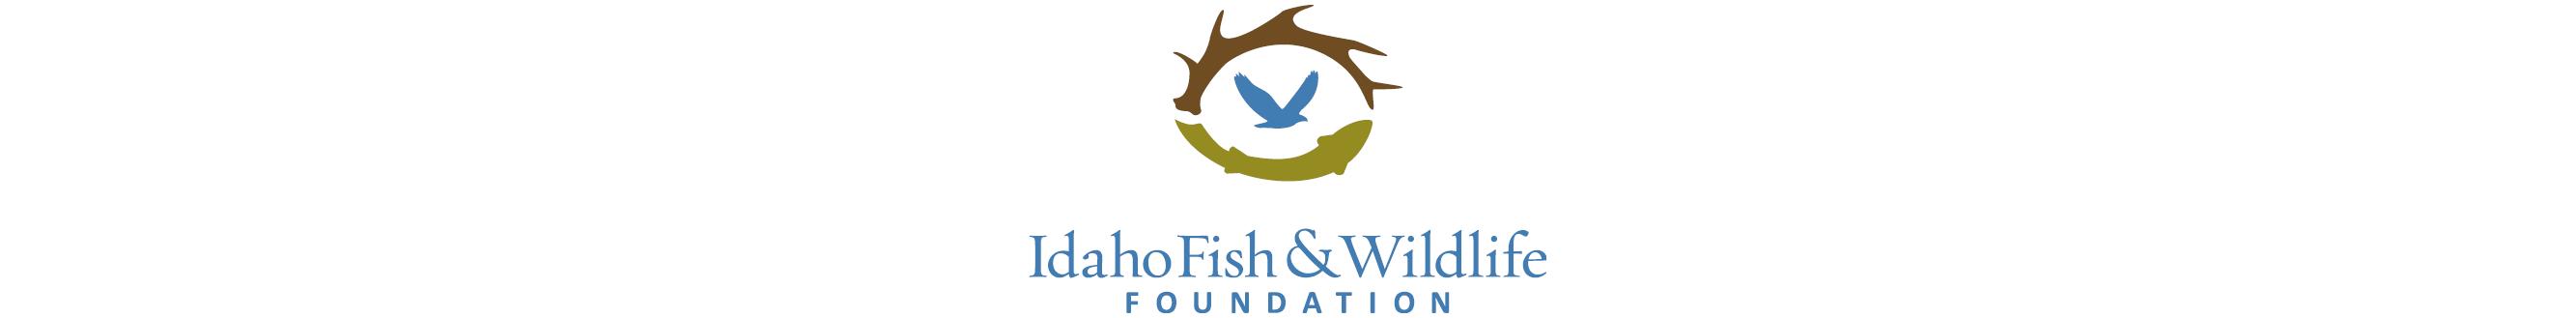 Idaho Fish and Wildlife